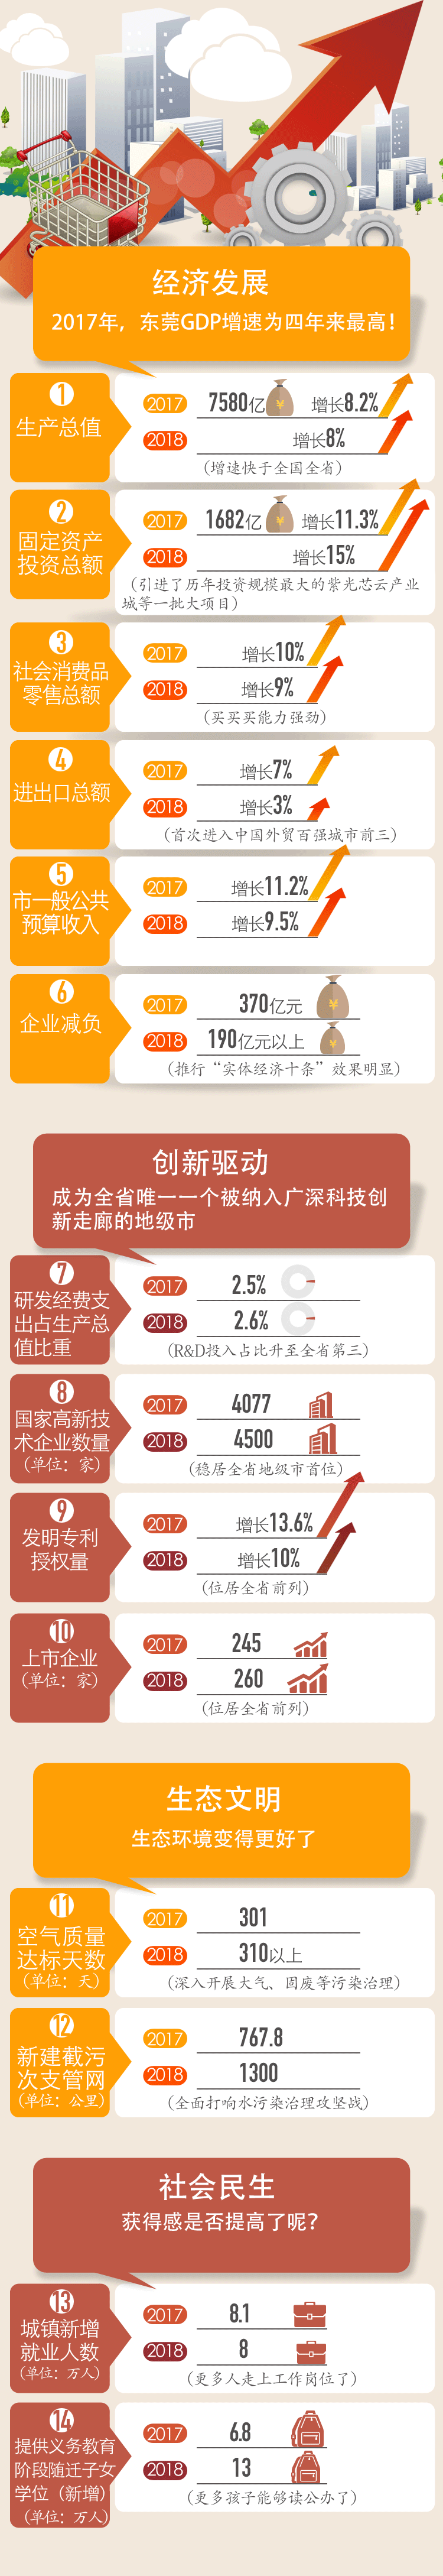 市长刚宣布:东莞GDP增速创新高! 向一线城市挺进